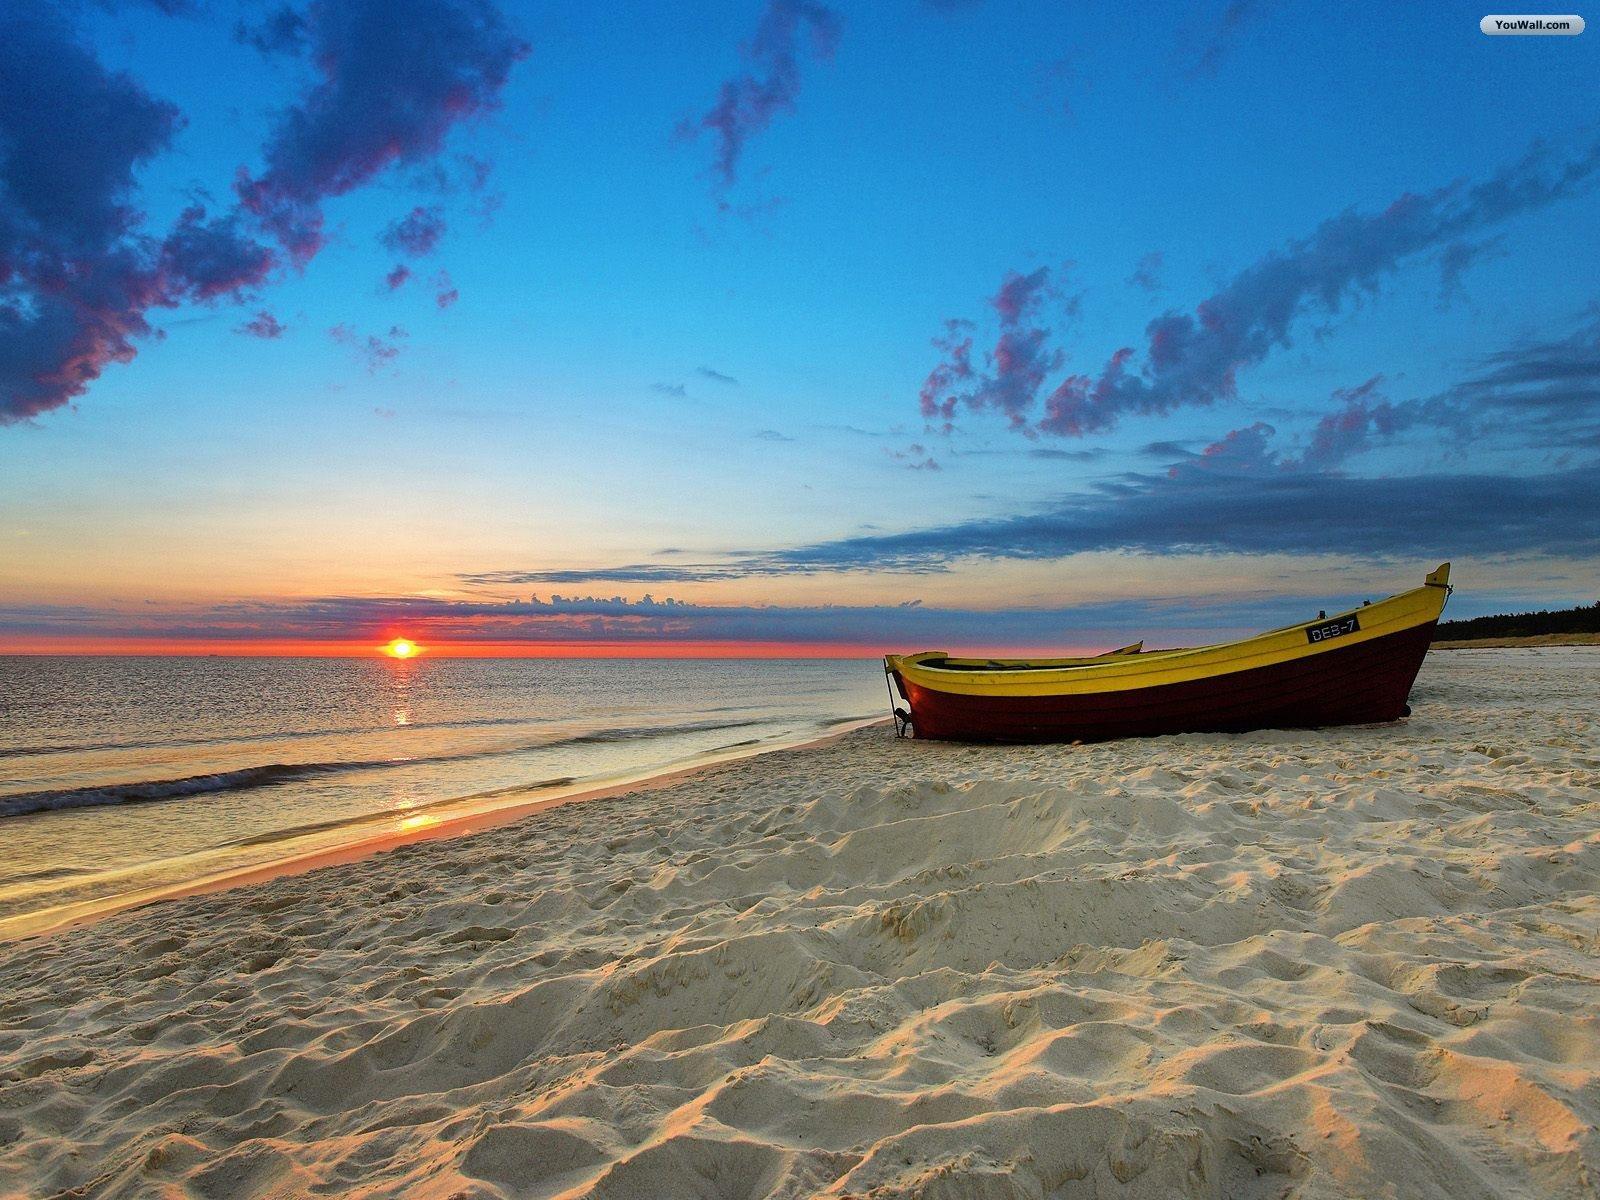 Beautiful Beach Sunset Wallpaper 1600x1200 ImageBankbiz 1600x1200